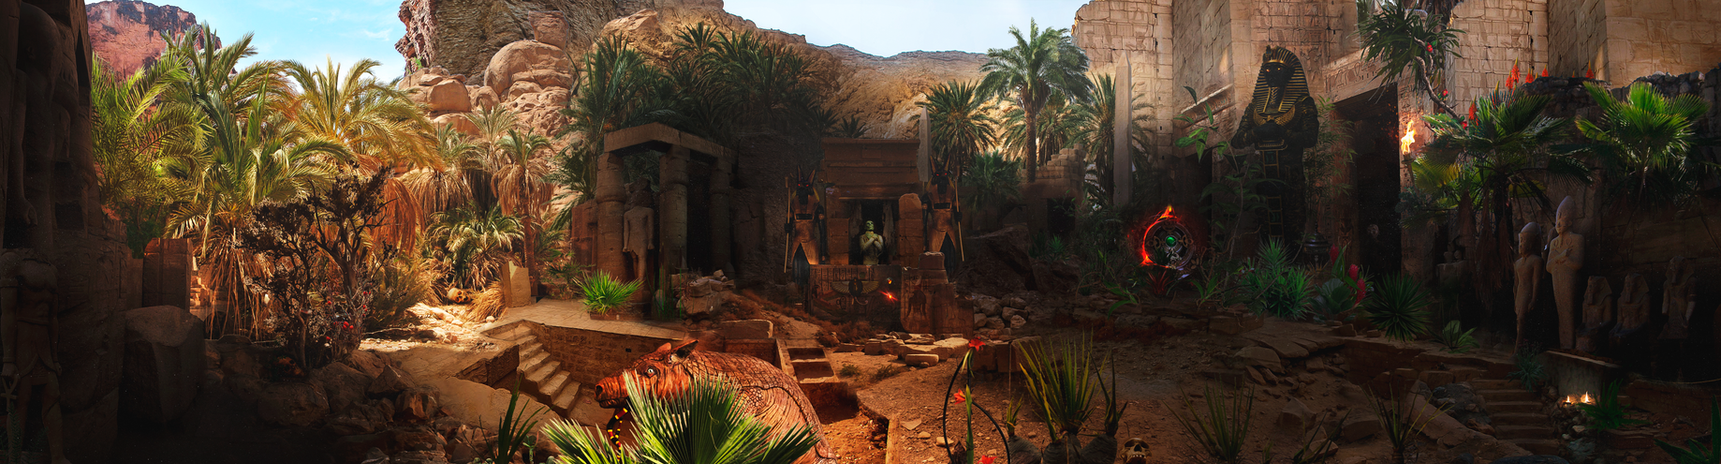 Egypt, 1820, western desert Dakla oasis by DraakeT